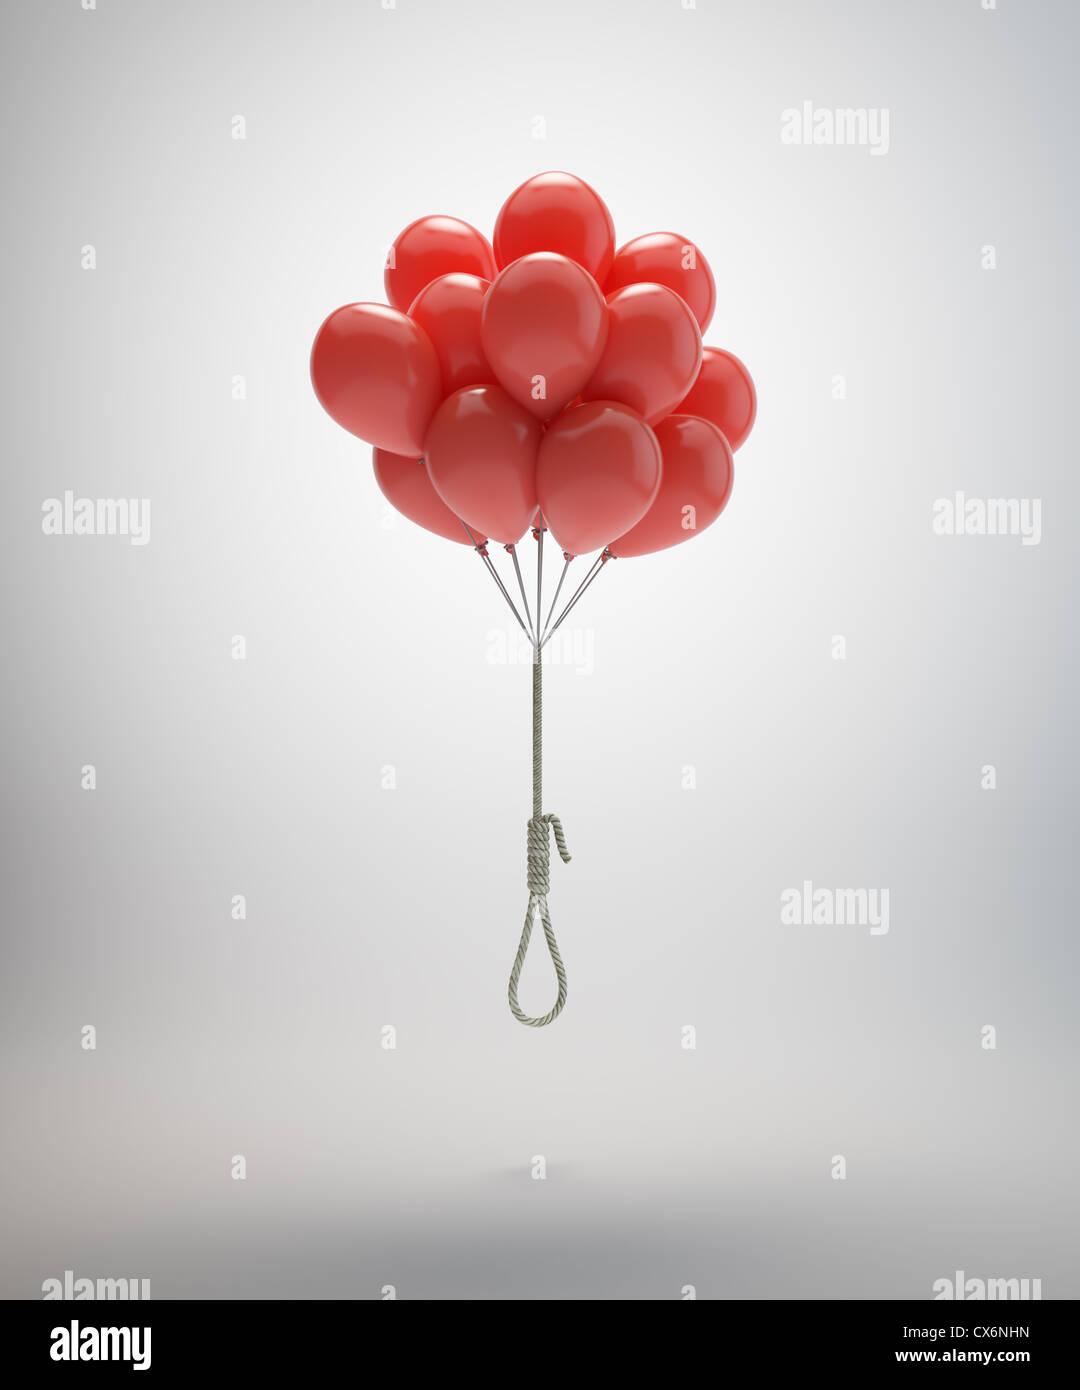 Galgen, unterbrochen von einer Handvoll rote Luftballons Stockbild